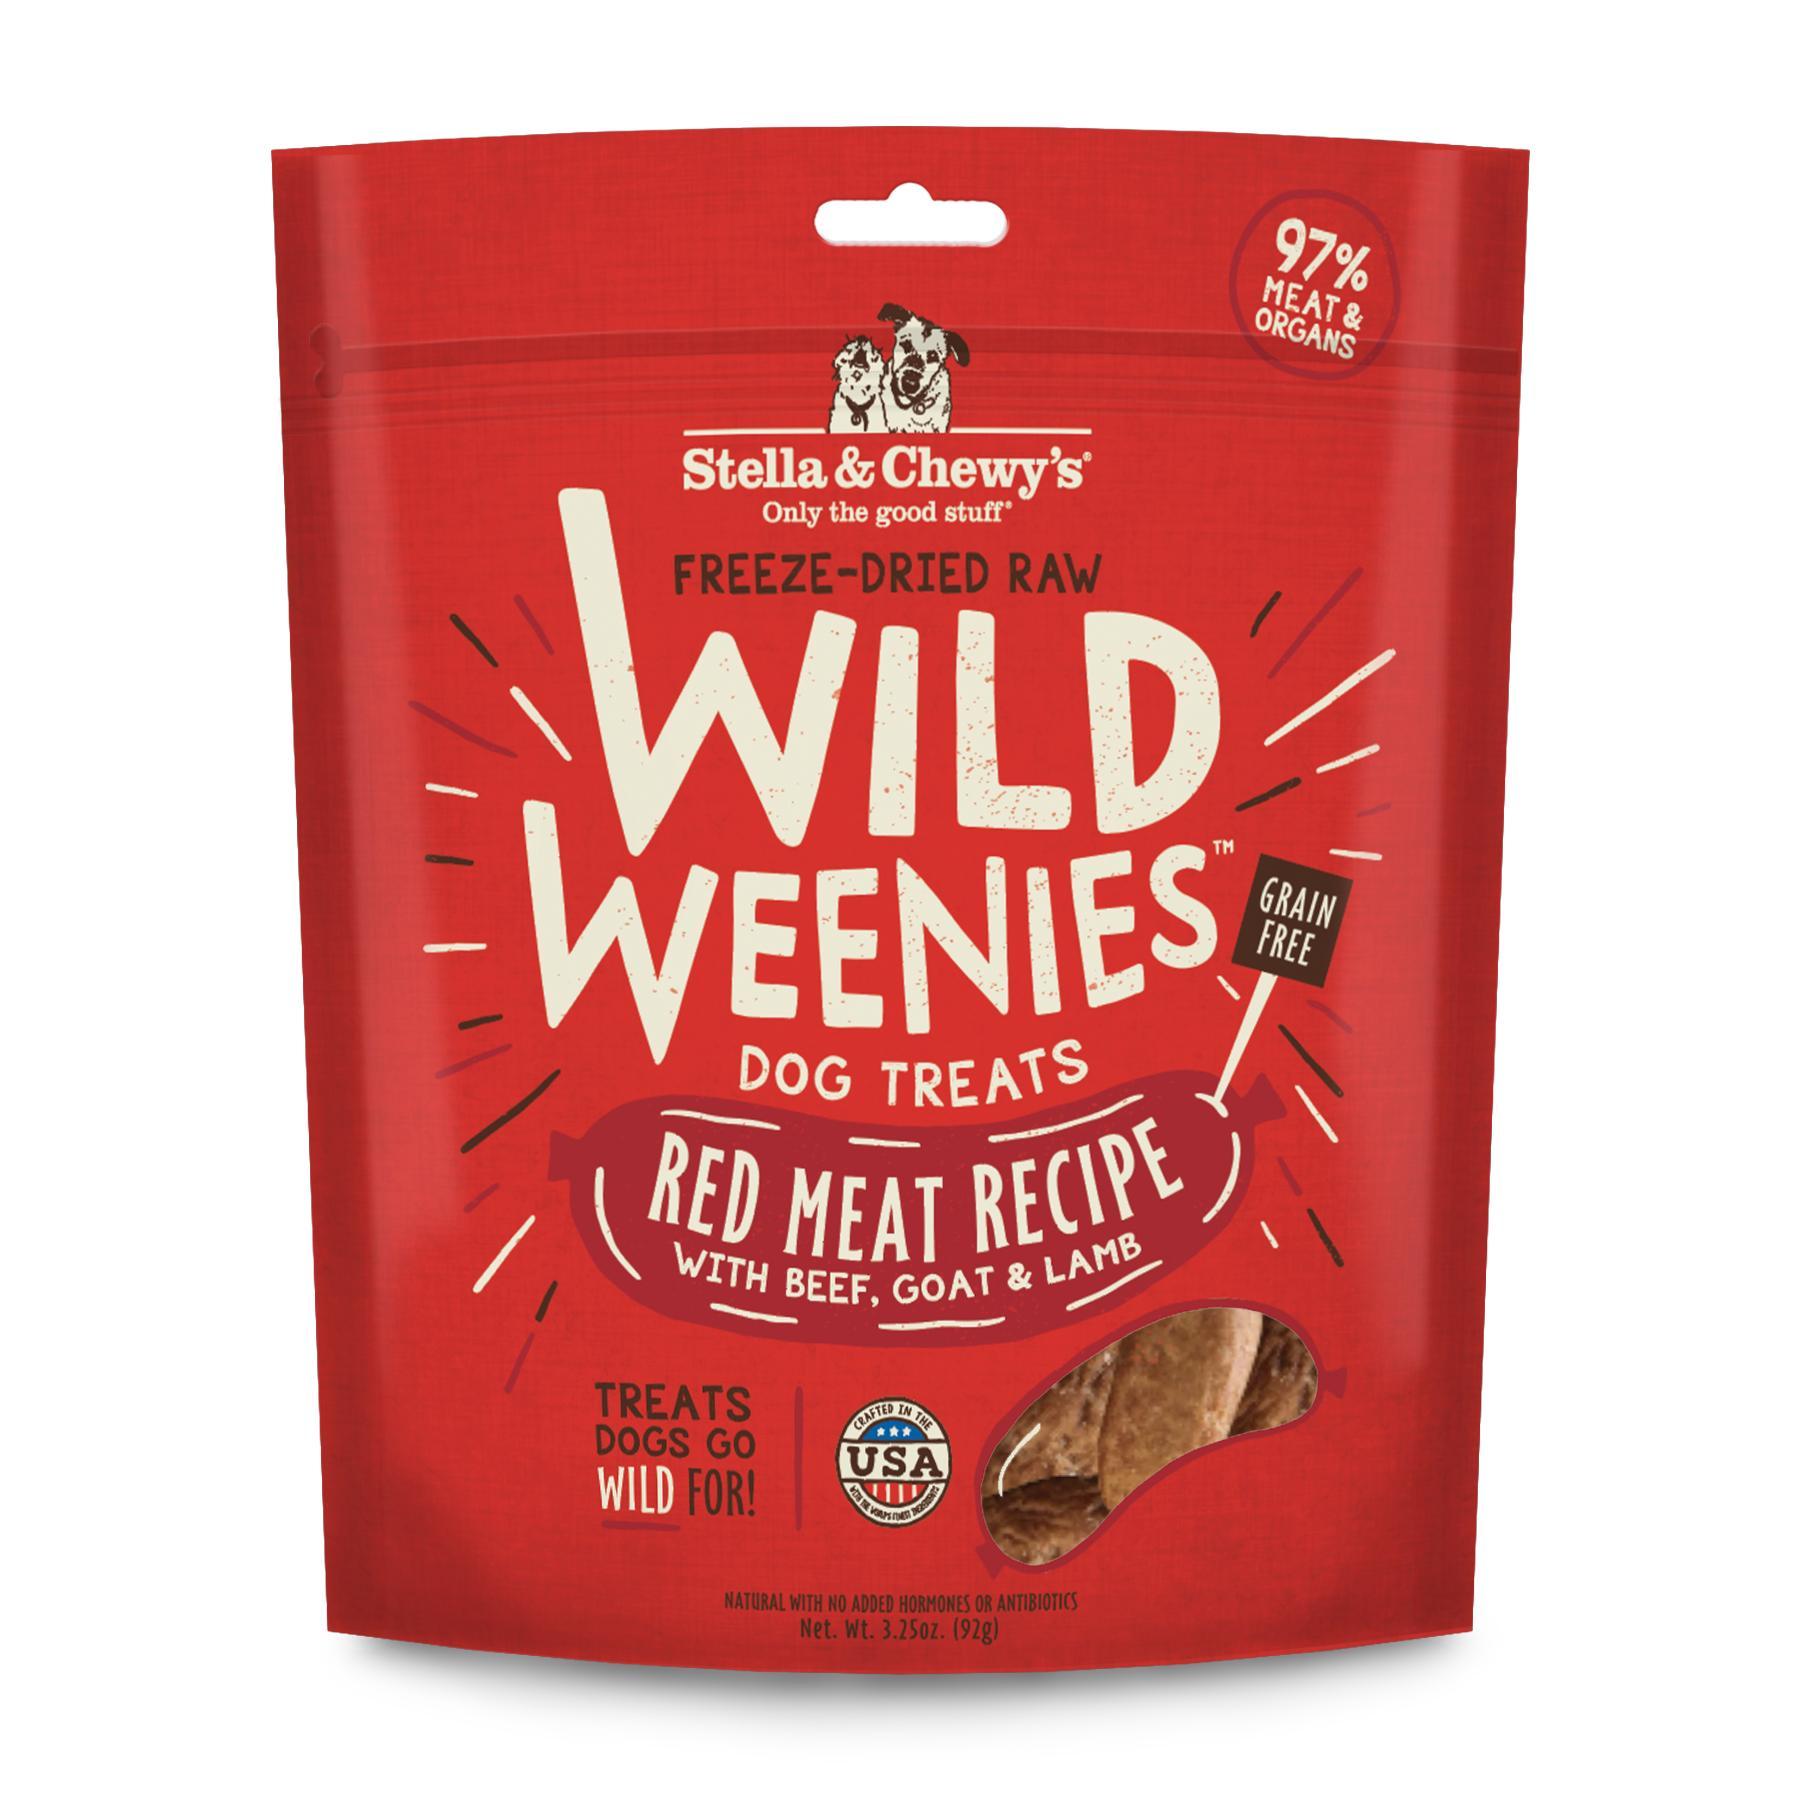 Stella & Chewy's Wild Weenies Red Meat Recipe Freeze-Dried Dog Treats, 3.25-oz (Size: 3.25-oz) Image